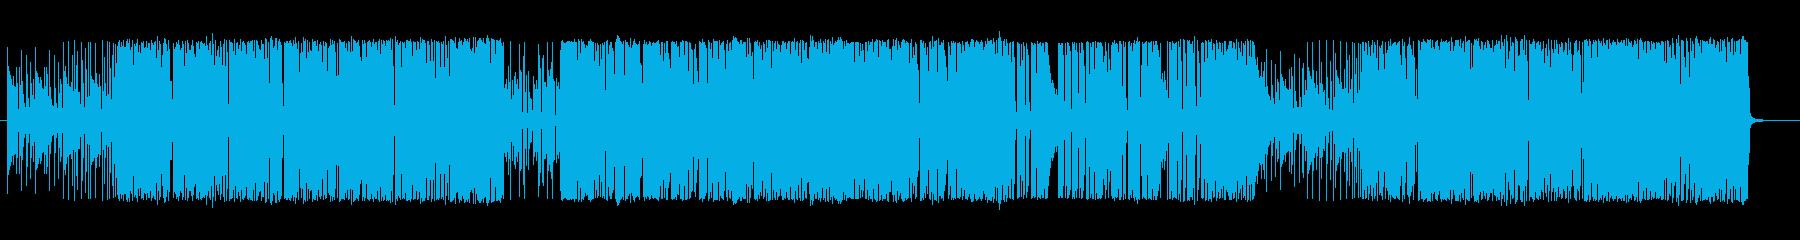 プログレ・民族音楽風変拍子の再生済みの波形